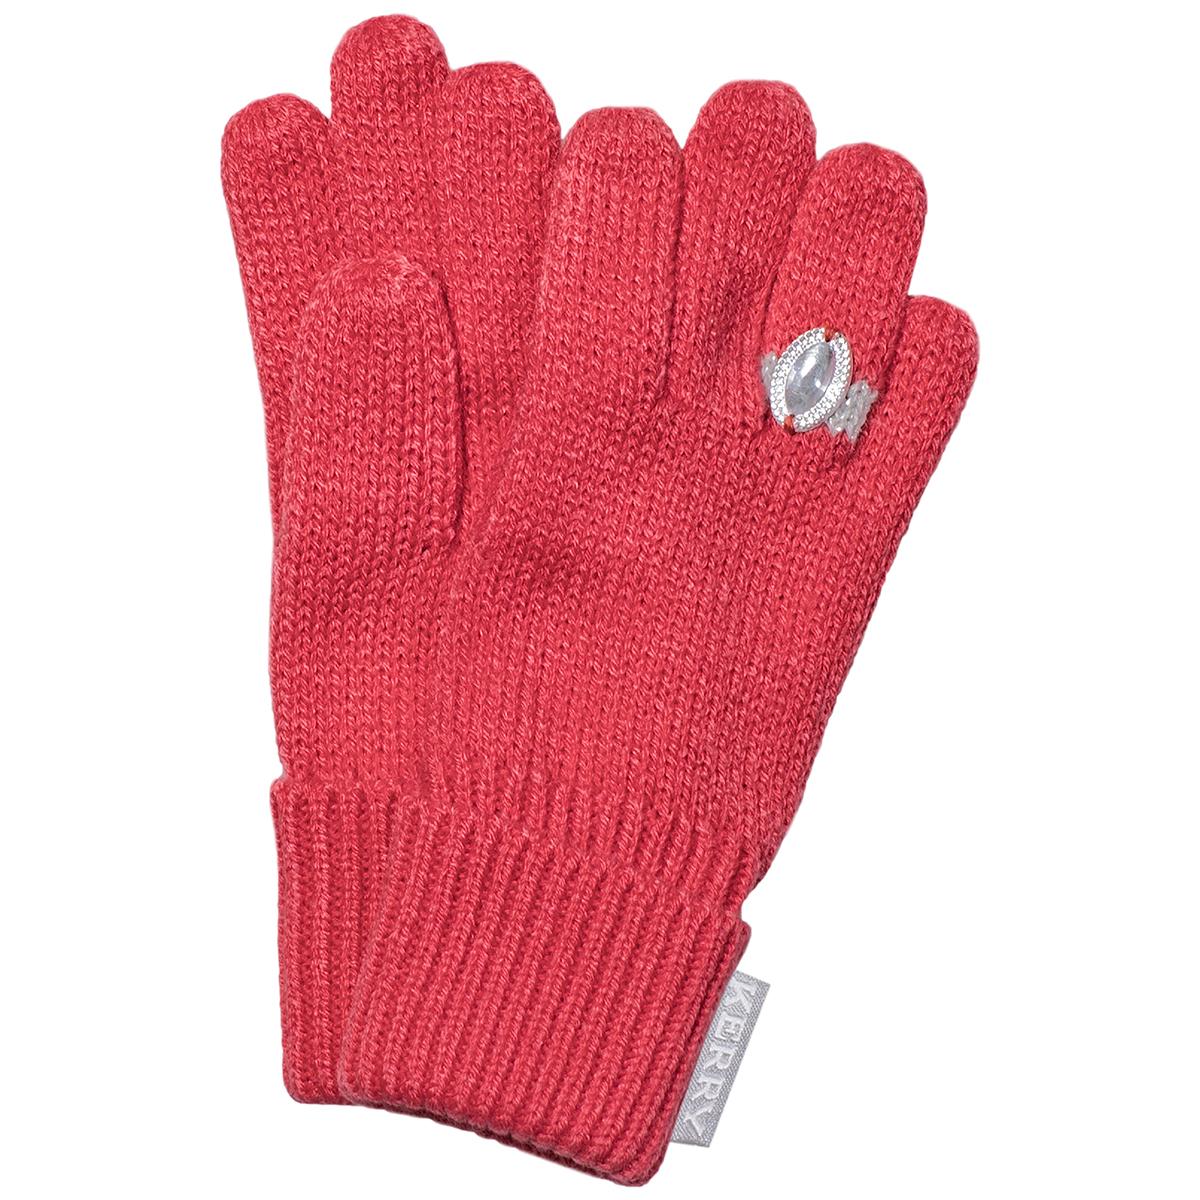 Перчатки для девочек GLORY Kerry, Размер 2, Цвет 185-коралловый K19096A-185_2